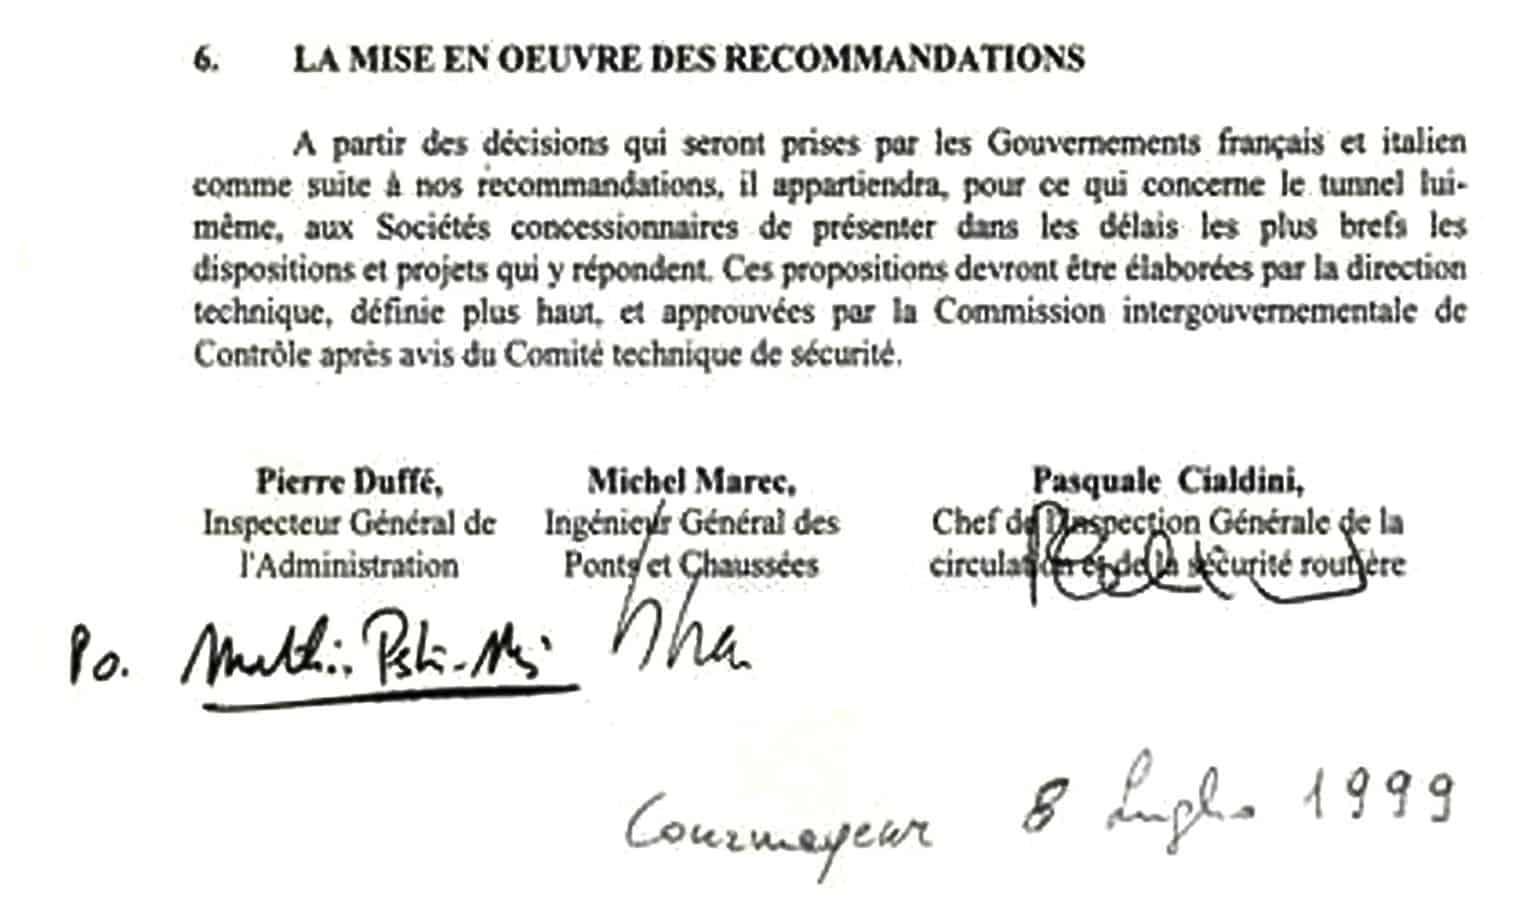 L'ultima pagina del Rapporto Comune della Commissione amministrativa di inchiesta italo-francese Cialdini-Marec sulla catastrofe del 24 Marzo 1999 nel Traforo del Monte Bianco